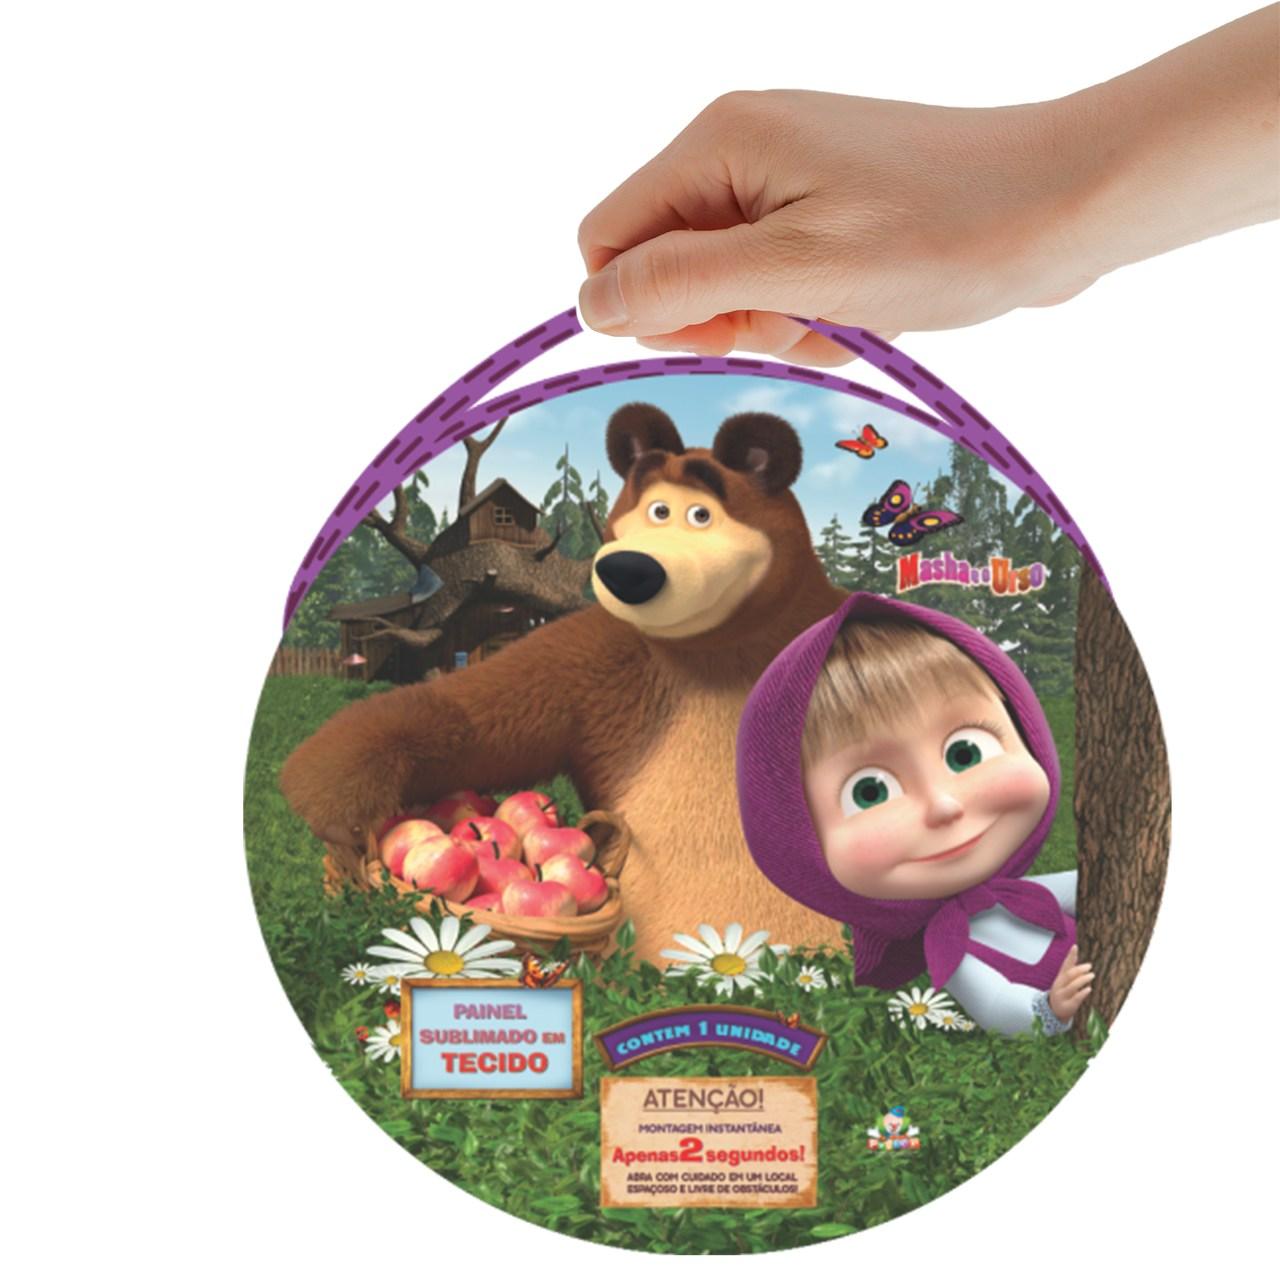 Painel Sublimado em Tecido Masha e o Urso